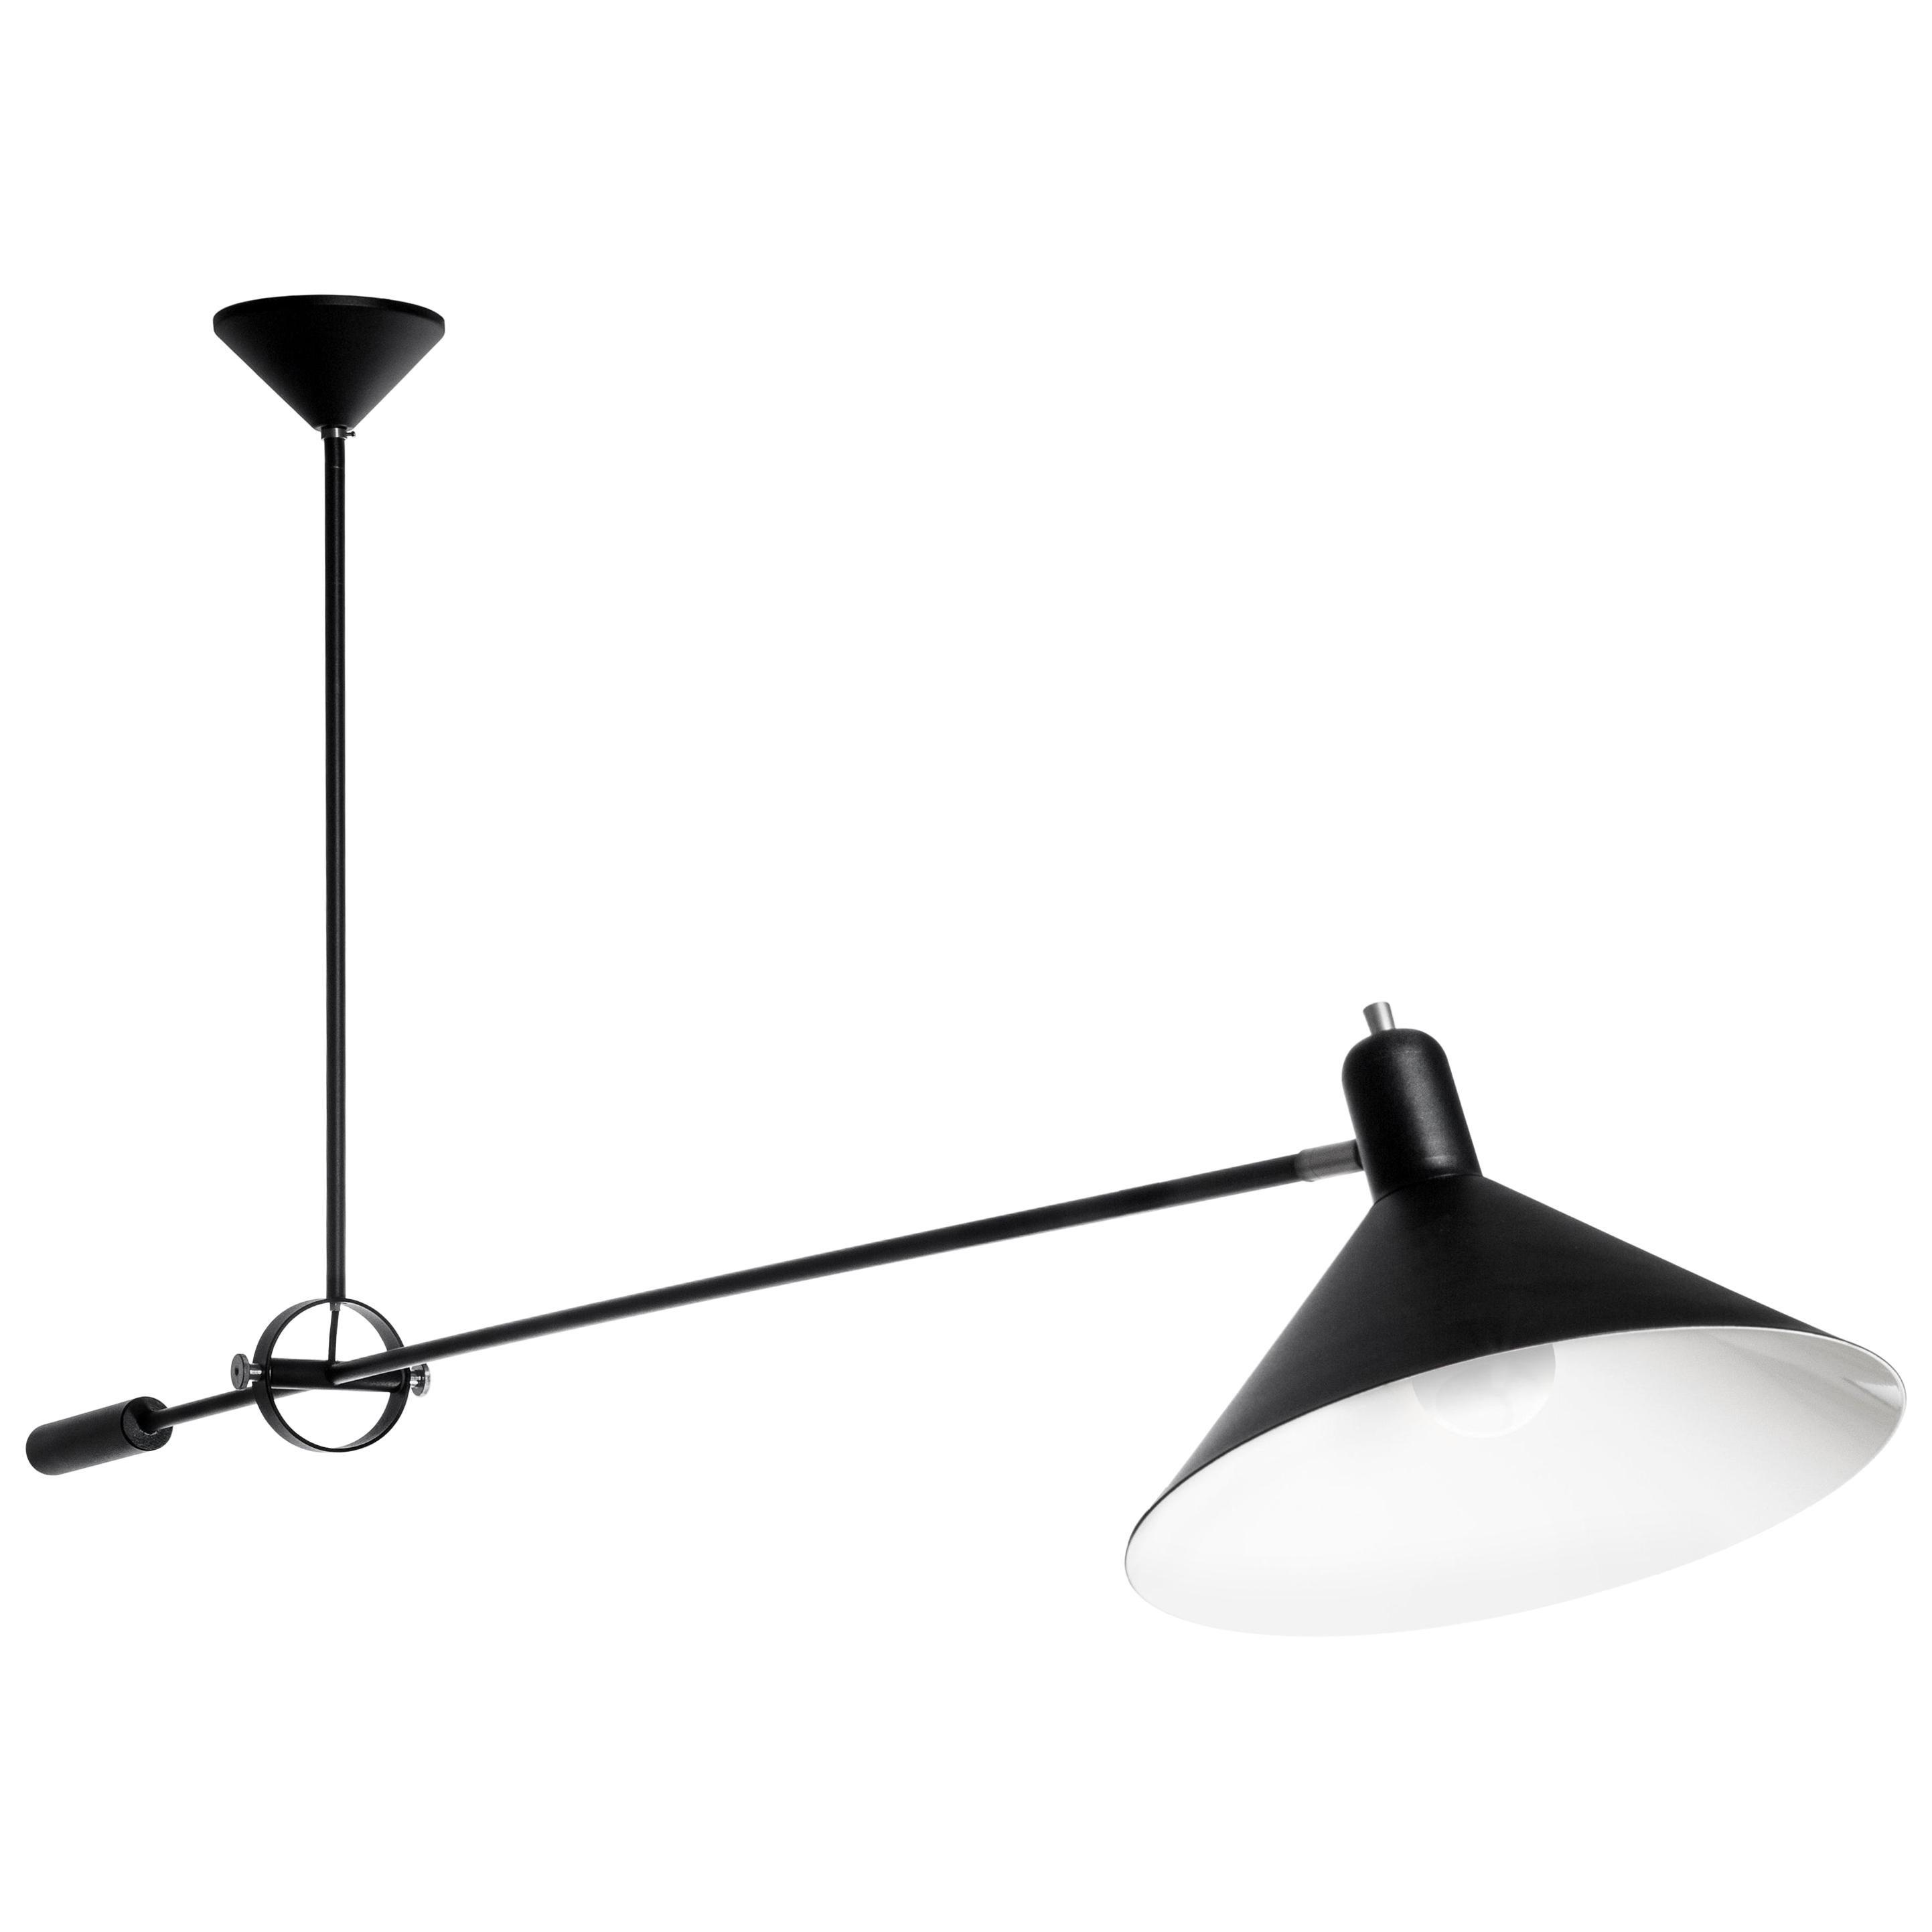 J.J.M. Hoogervorst Model #1506 Counterbalance Ceiling Light for Anvia